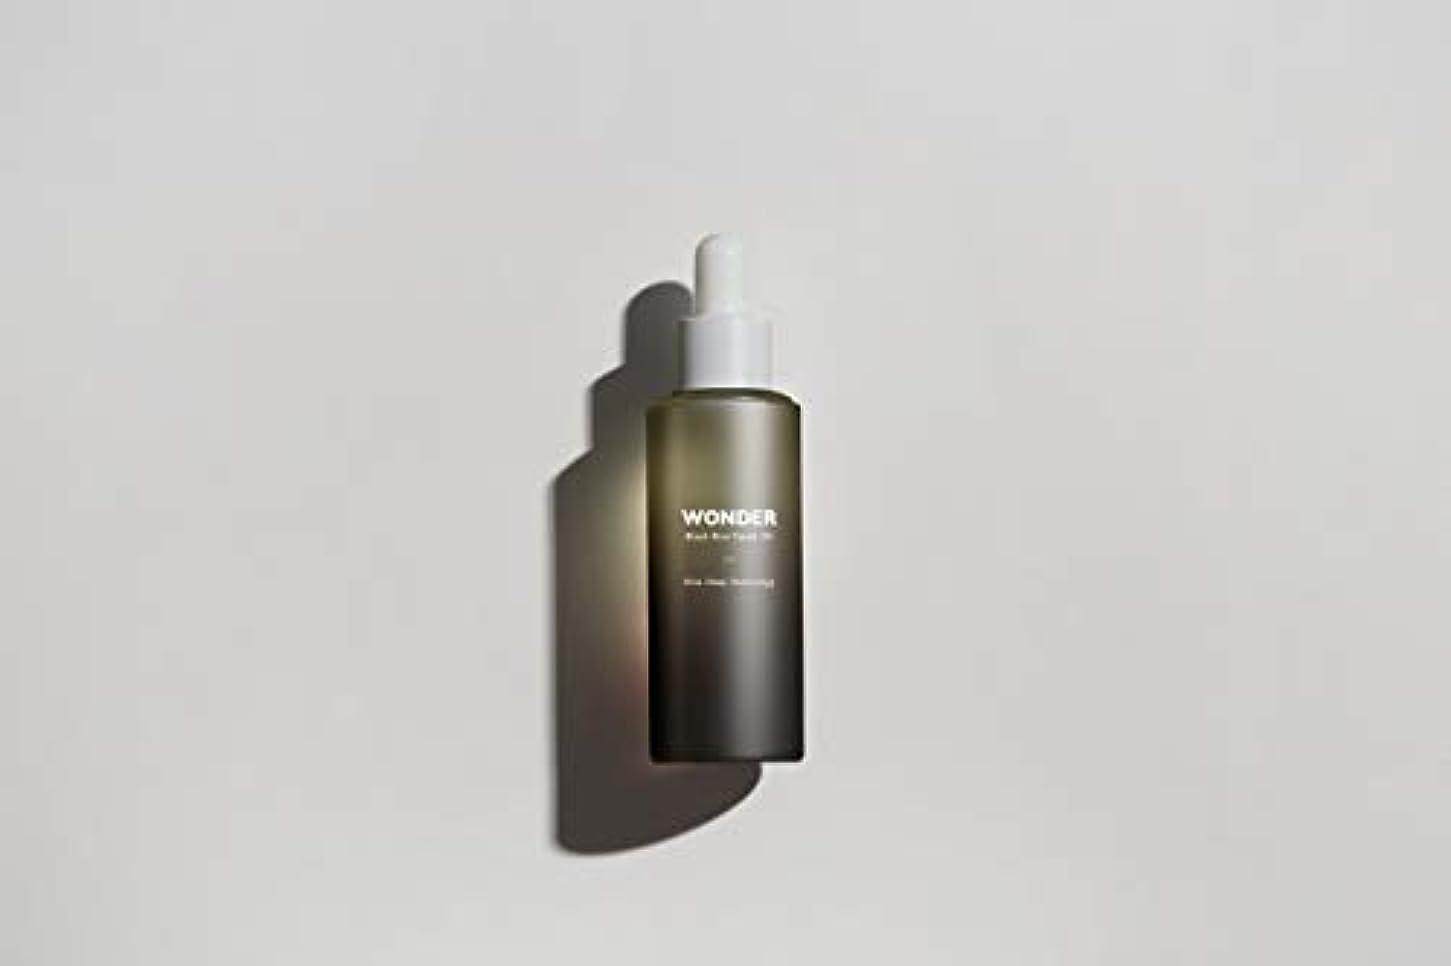 スリルヘロイン基本的なHaruharu(ハルハル) ハルハルワンダー BRフェイシャルオイル 天然ラベンダーオイルの香り 30ml